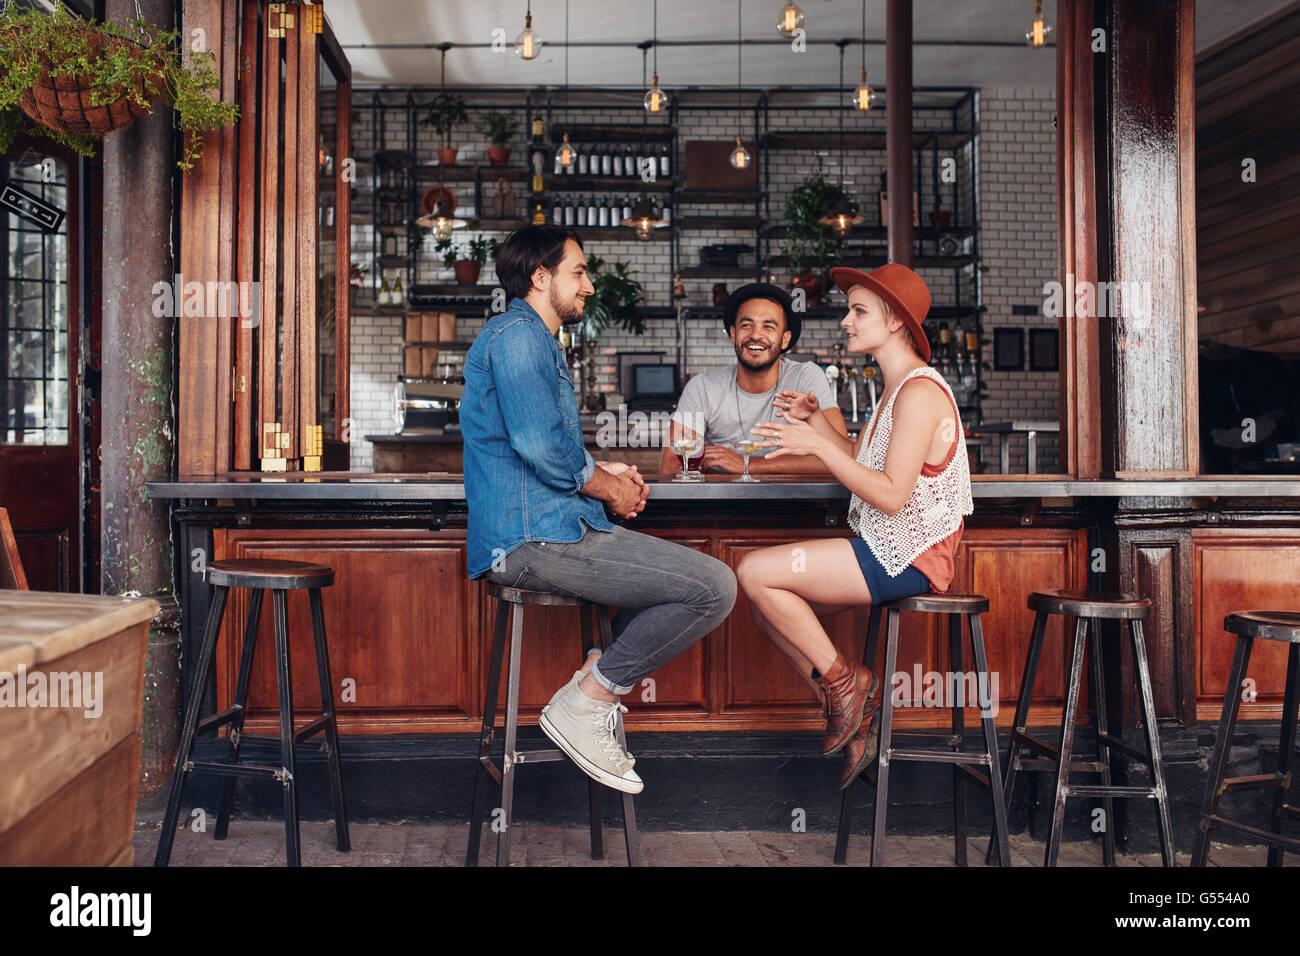 Ritratto di felice gruppo di giovani riuniti in un coffee shop e parlare. Tre giovani amici seduti ad un tavolo Immagini Stock